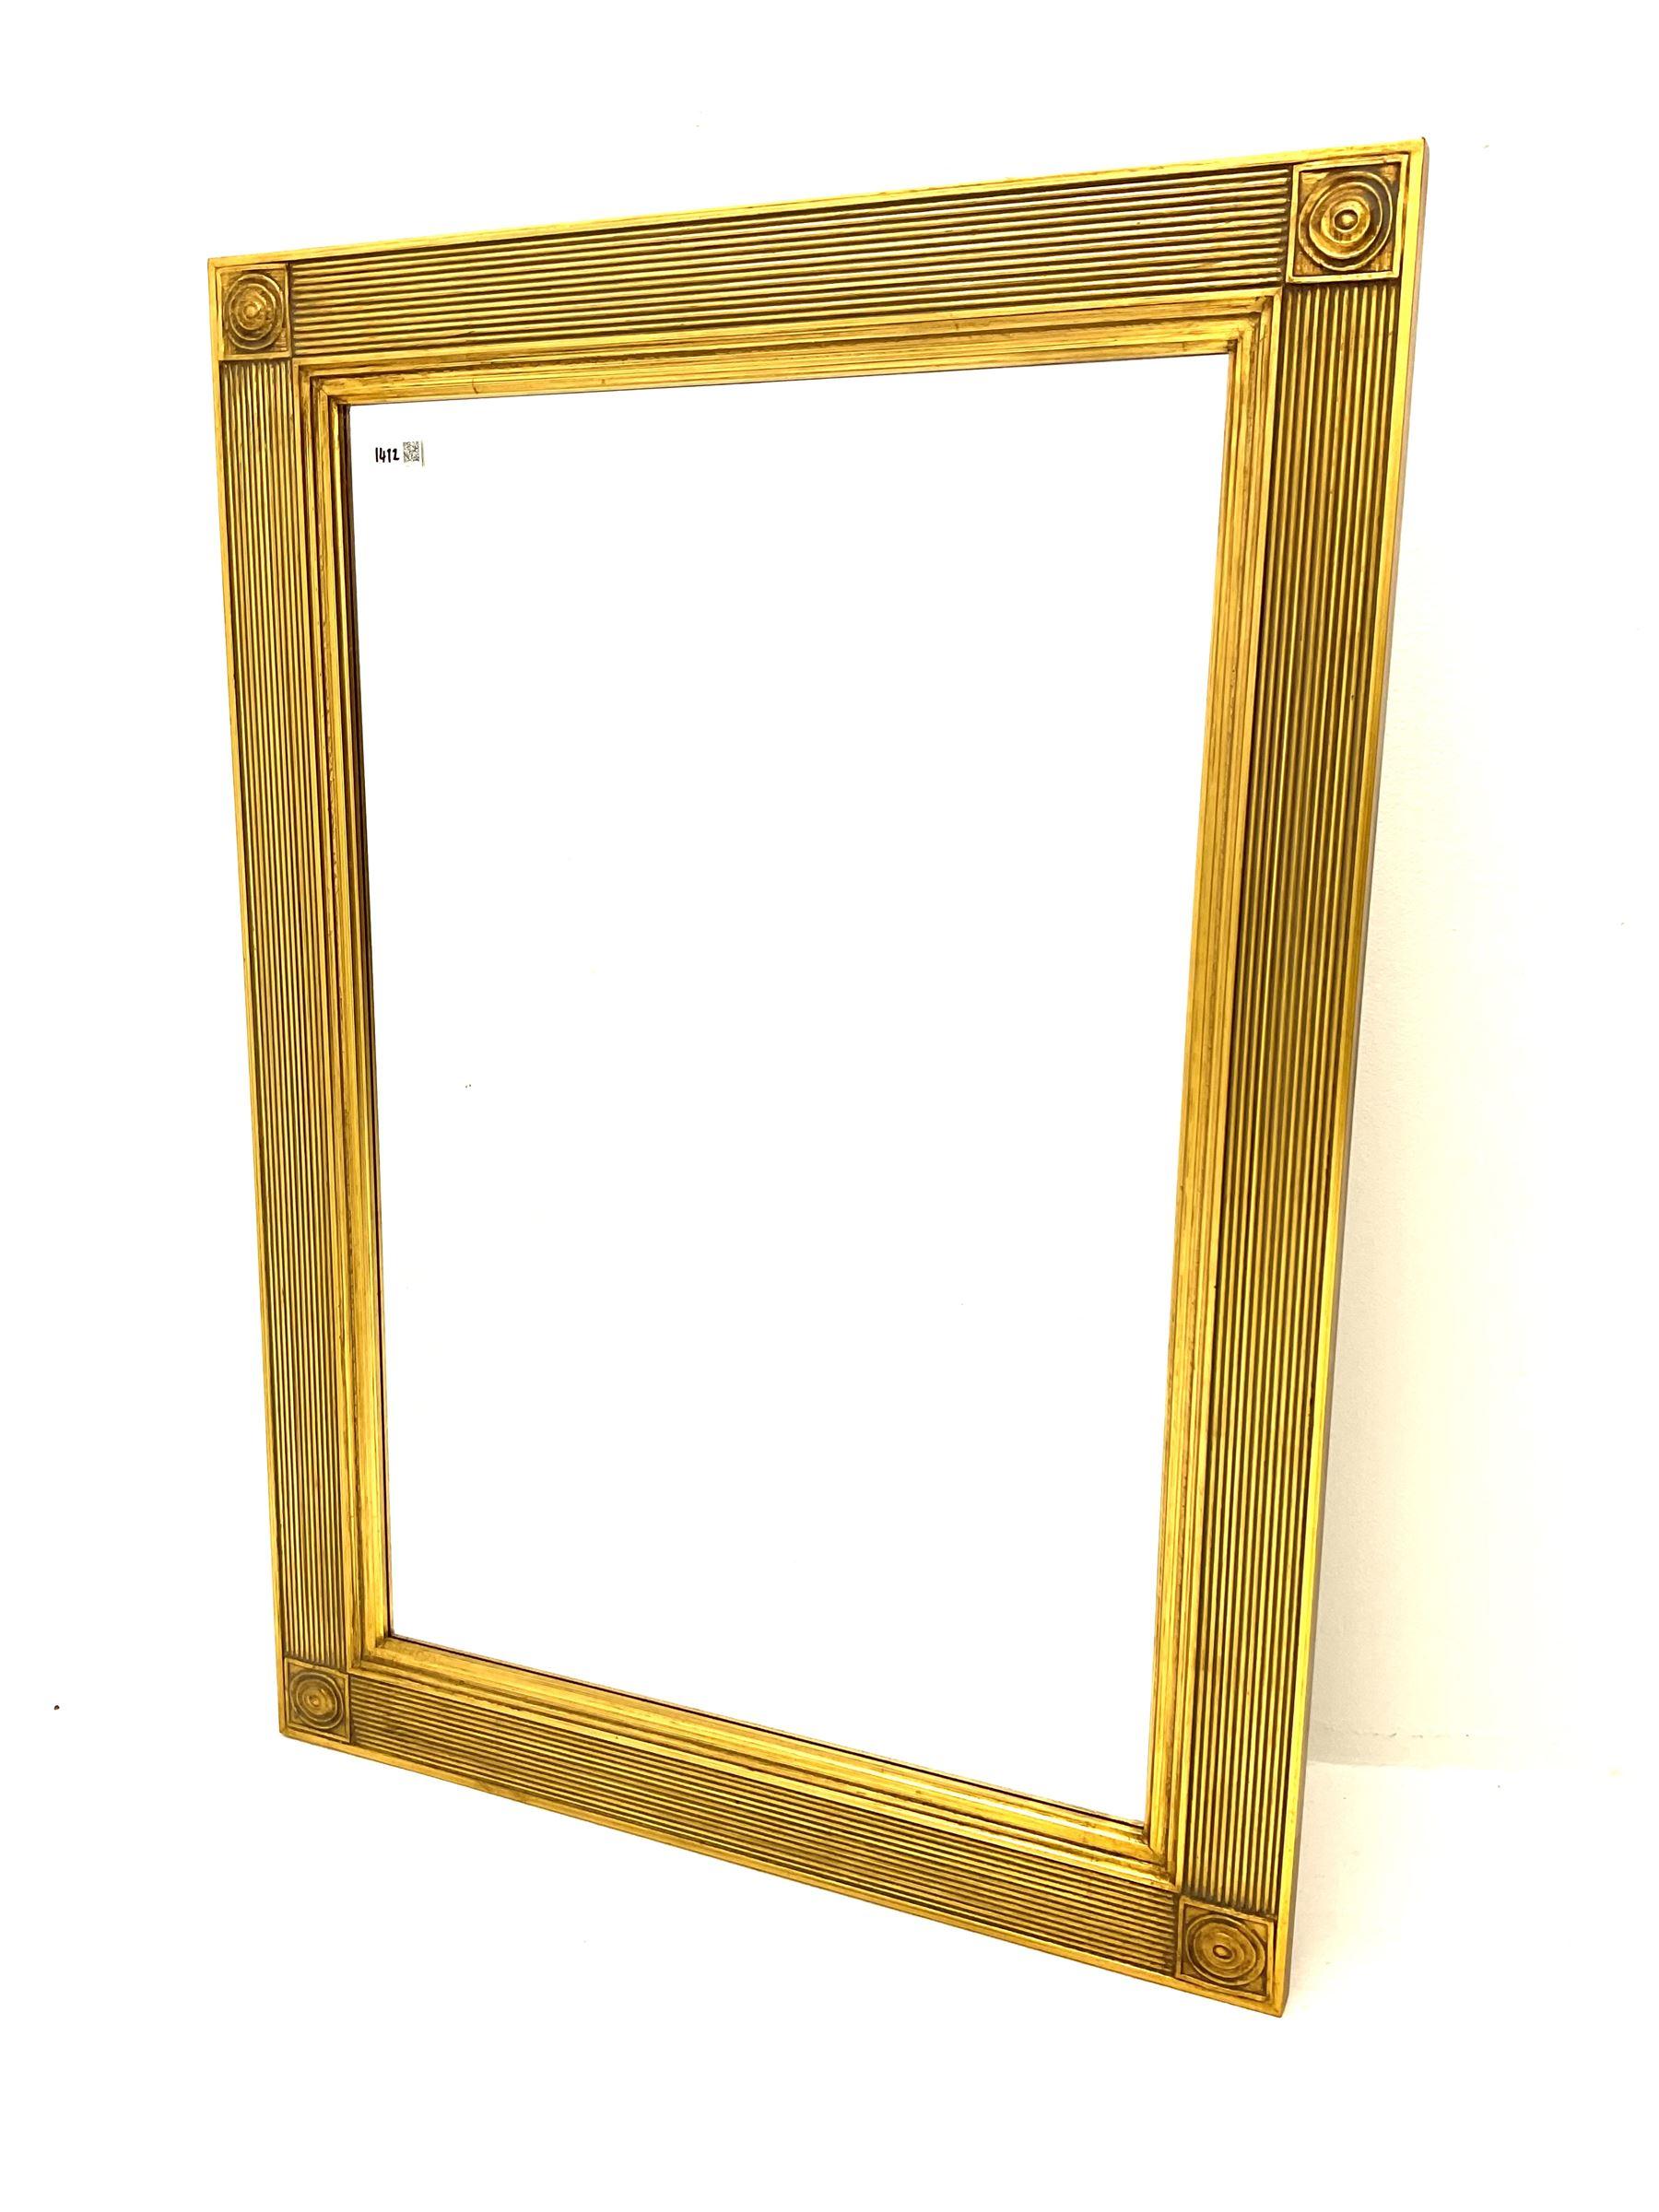 Rectangular ribbed gilt framed bevelled edge wall mirror and a rectangular wall mirror in swag frame - Image 3 of 3